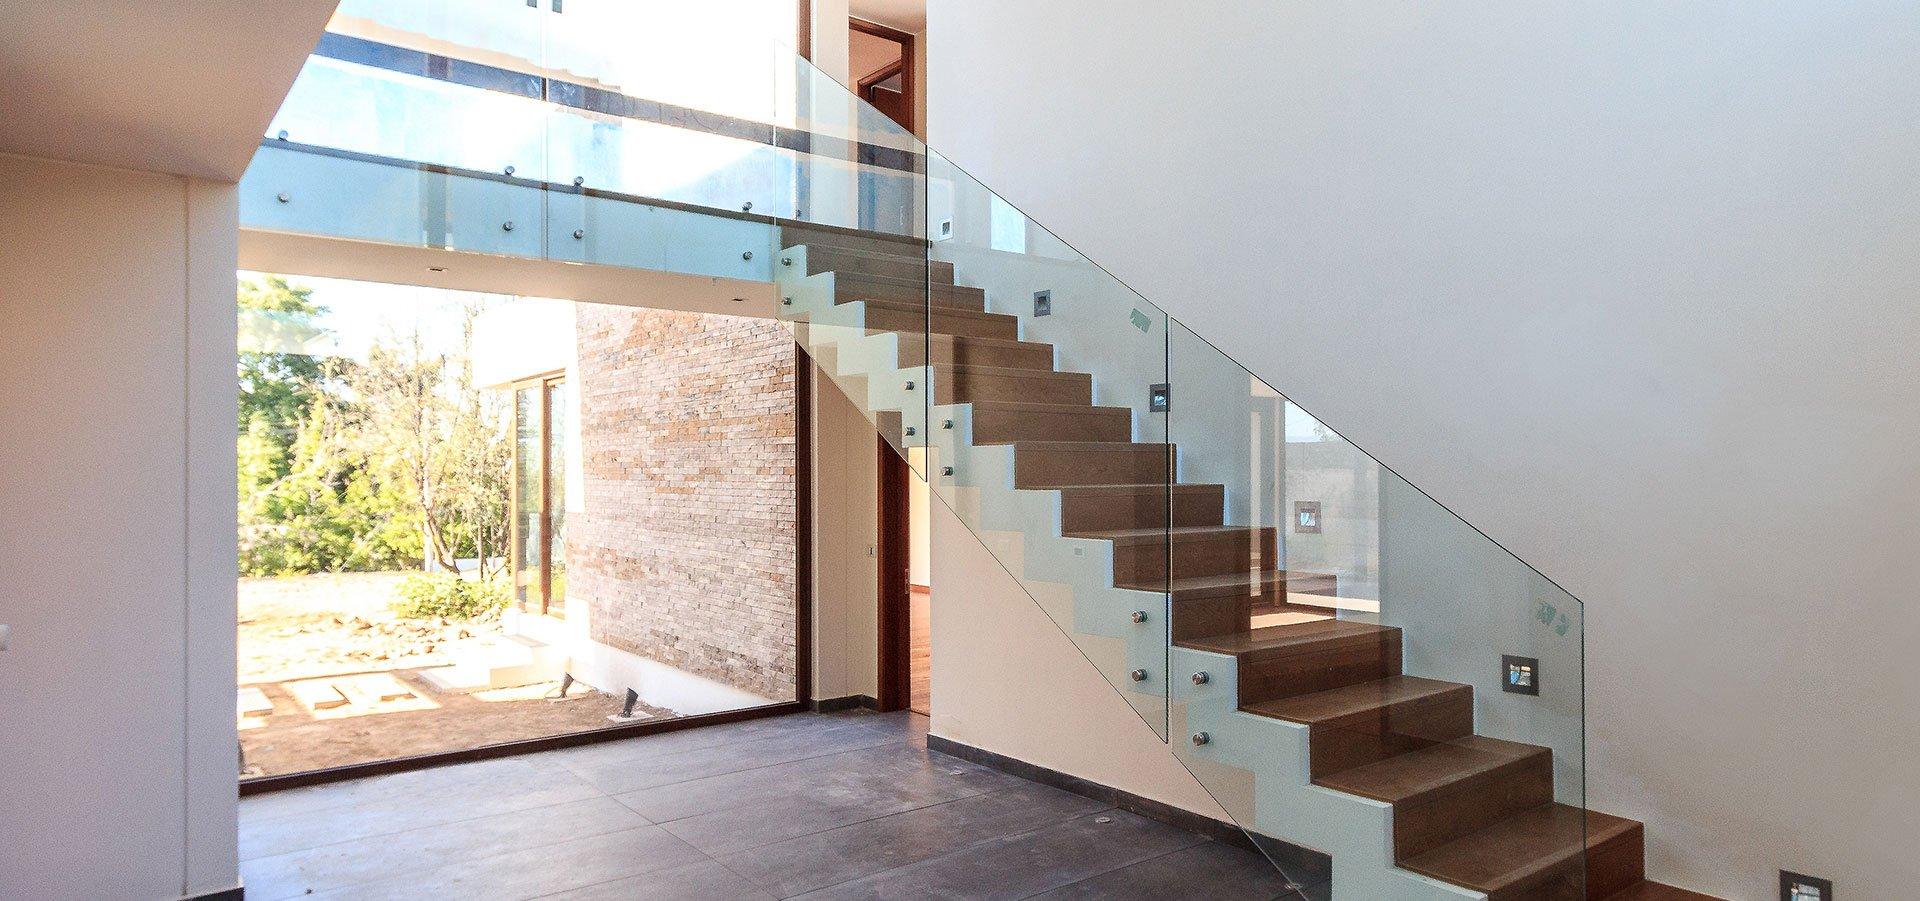 Med rekkverk i glass får du en moderne, tidløs trapp